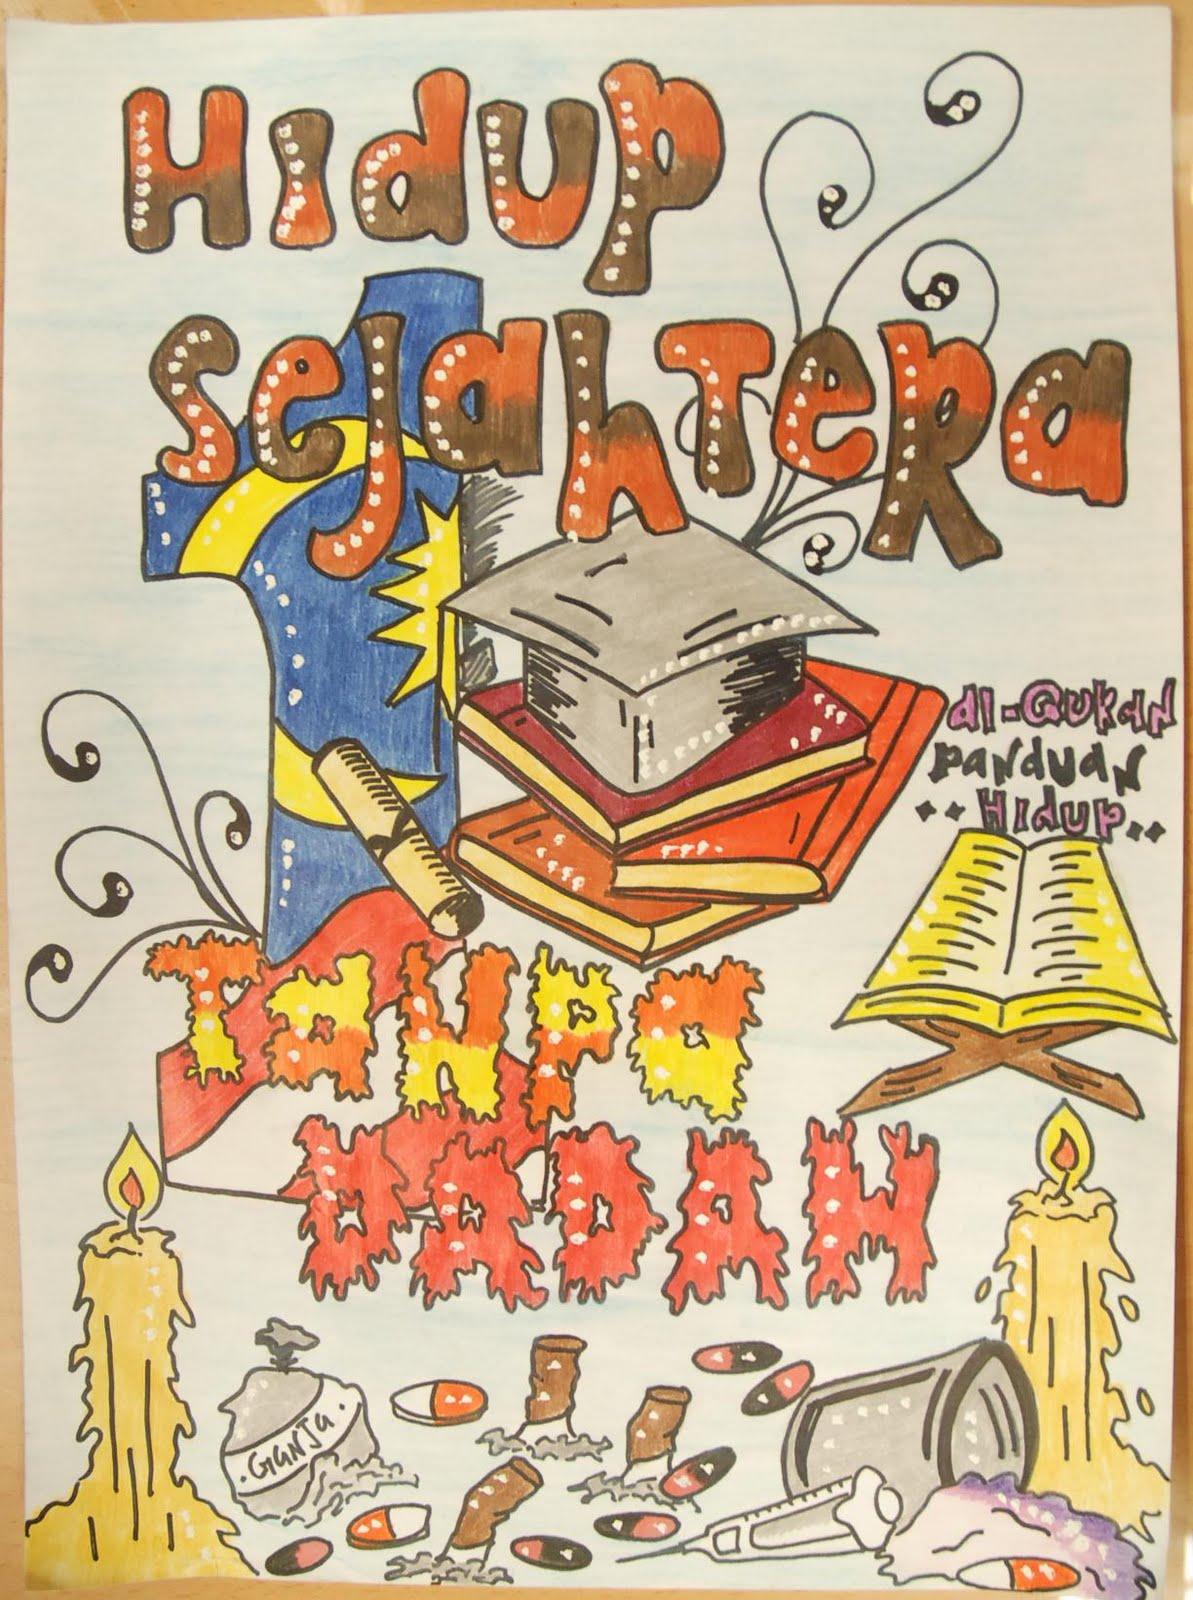 Contoh Gambar Poster Anti Dadah Erectronic